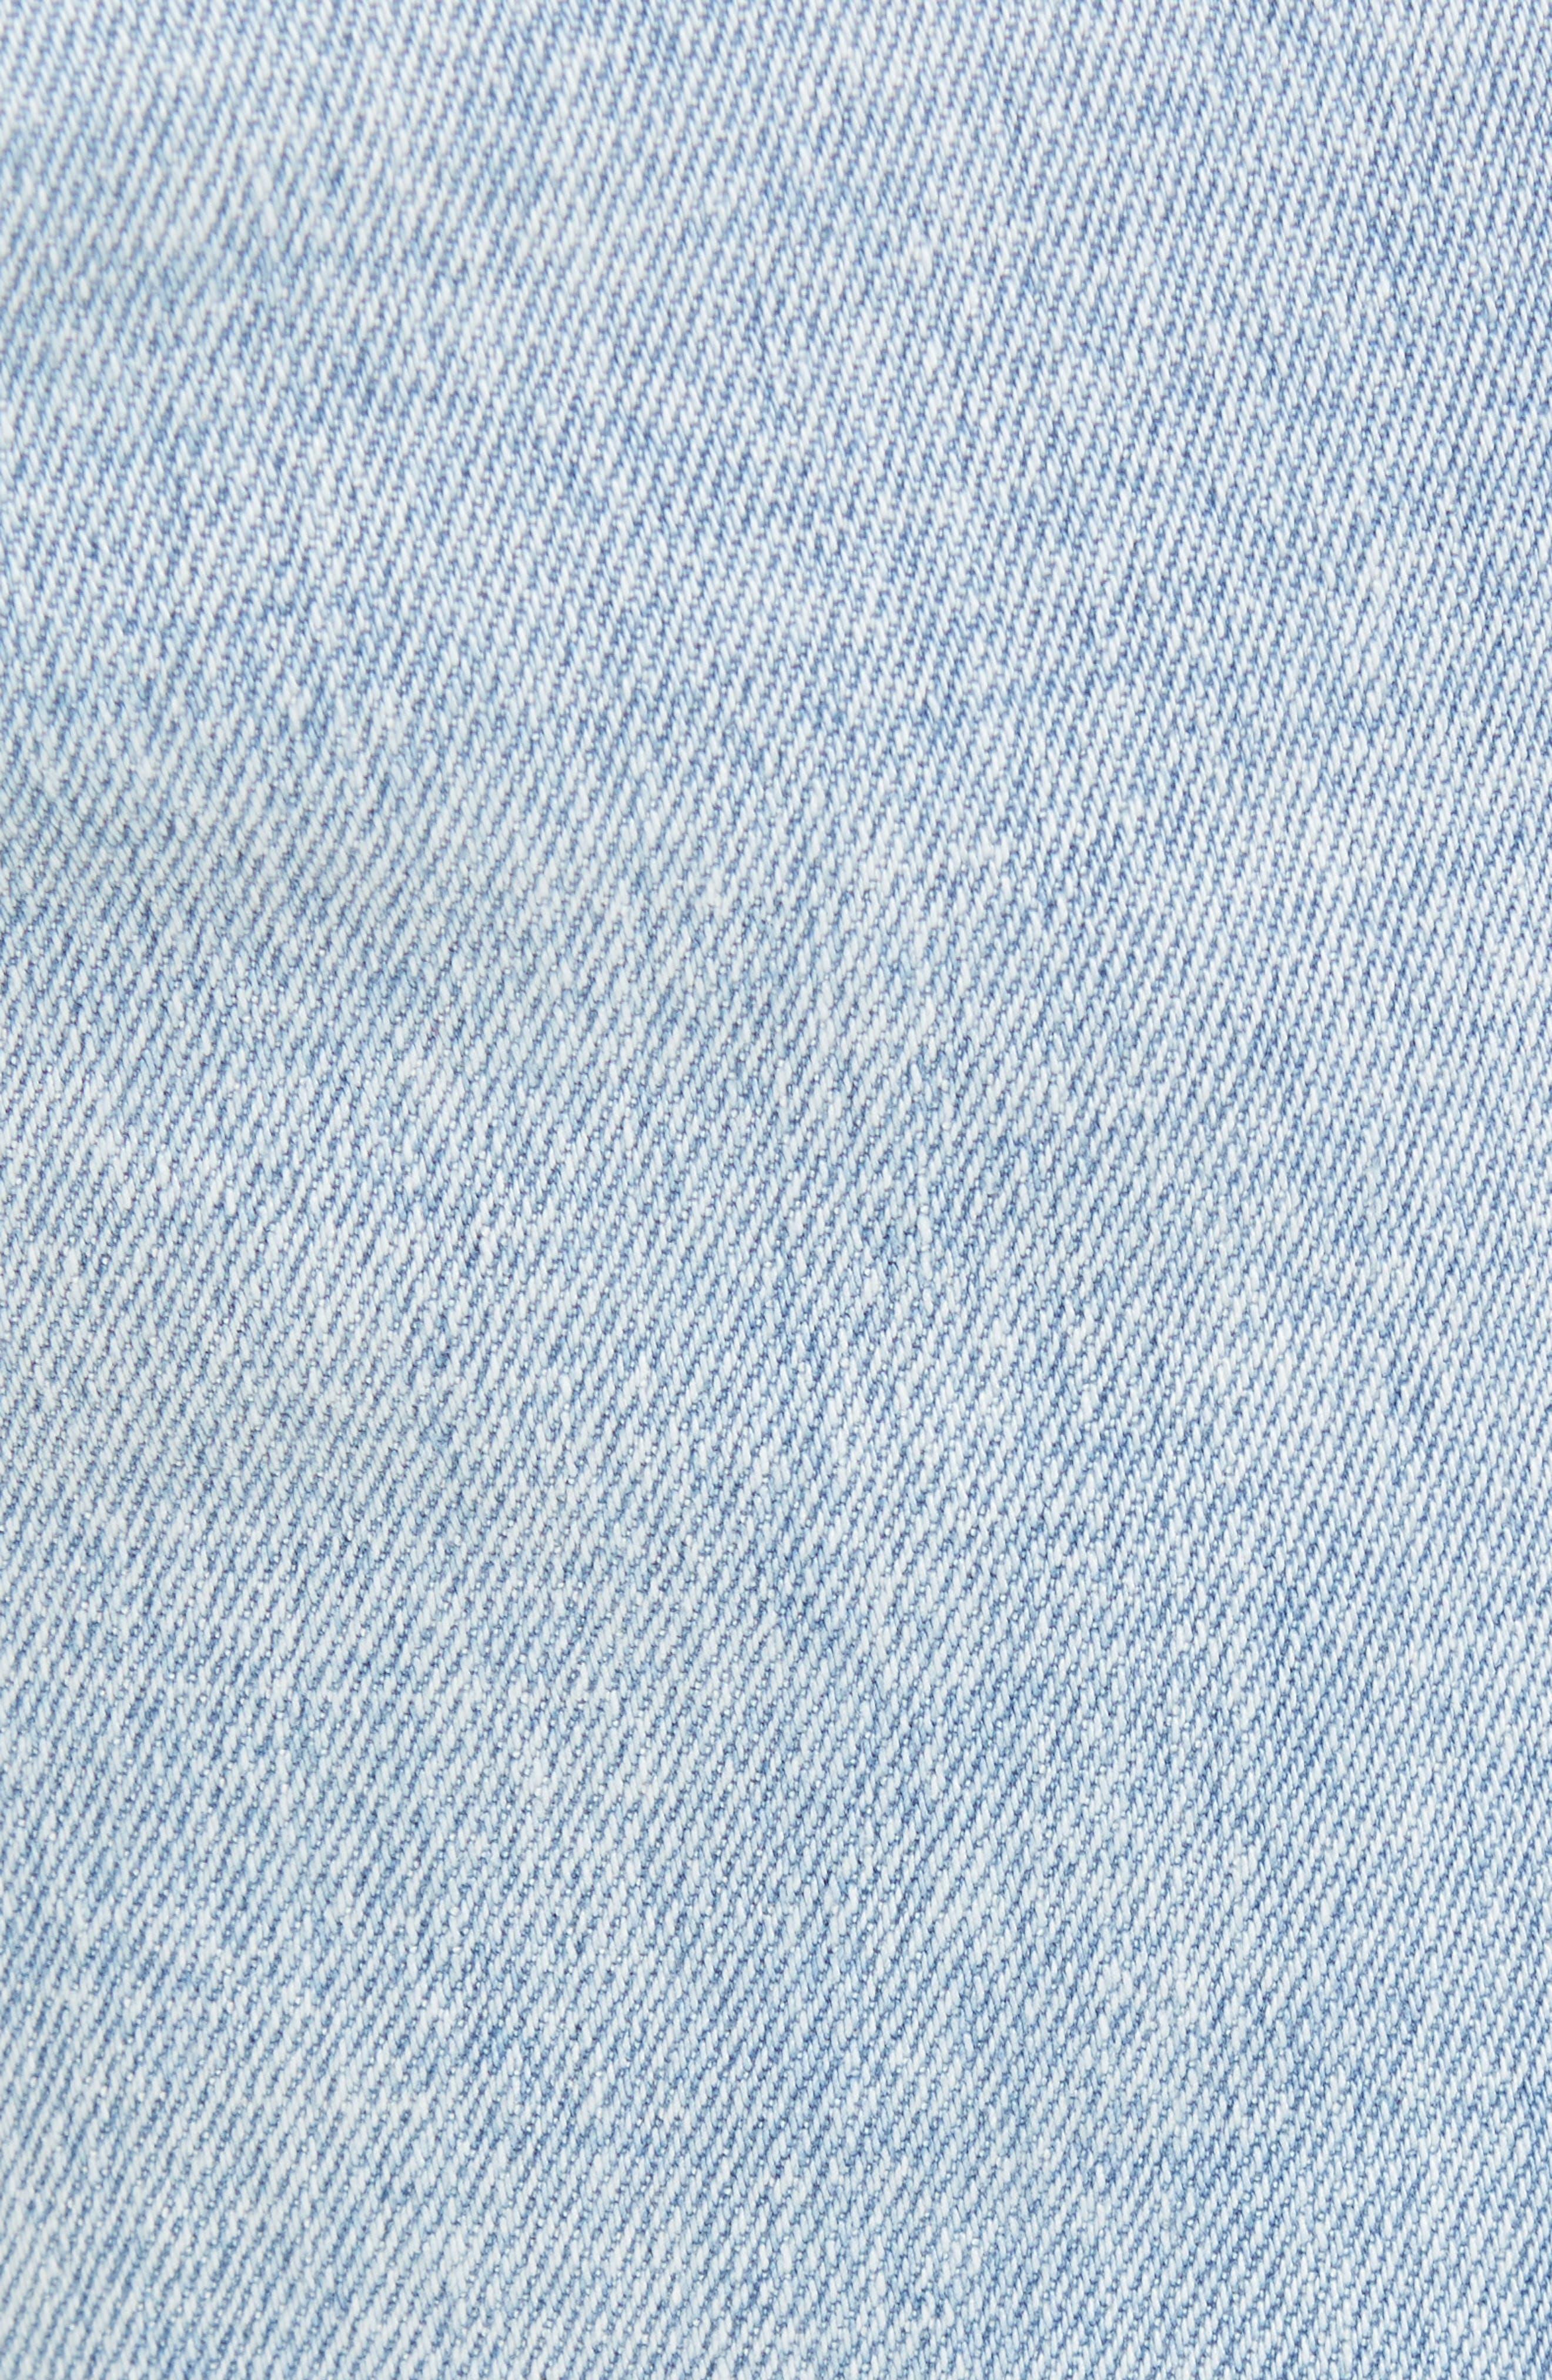 Acid Wash Stretch Slim Leg Jeans,                             Alternate thumbnail 5, color,                             BLUE VEDDER WASH